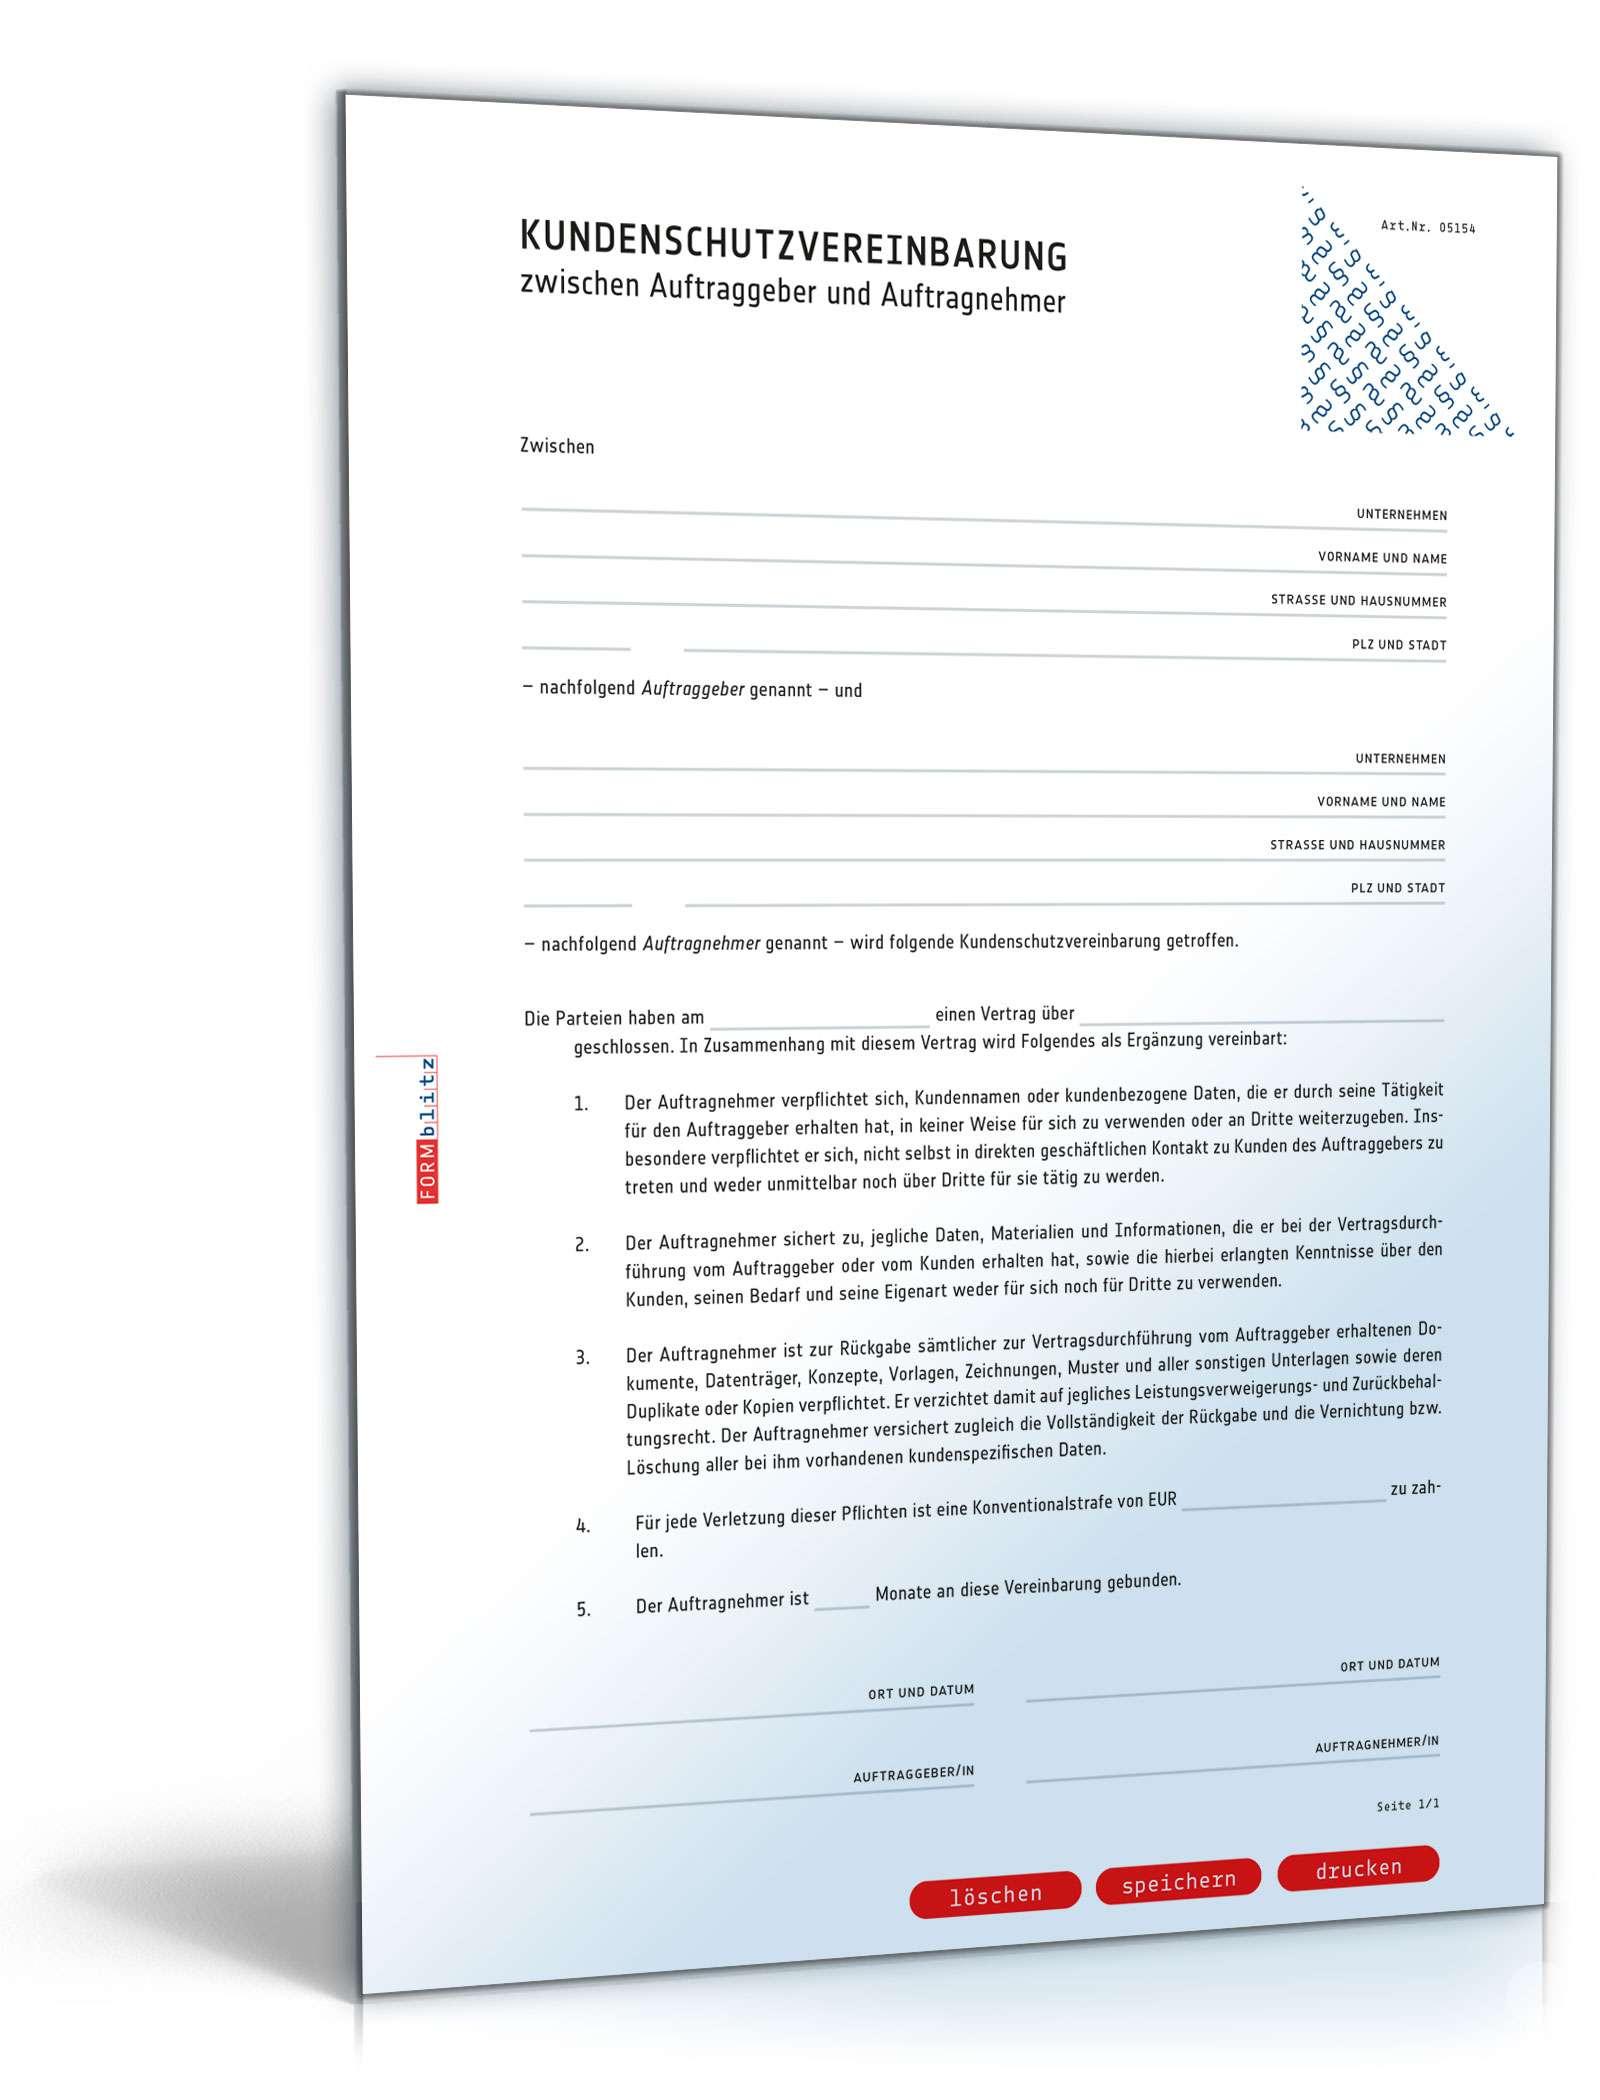 Kundenschutzvereinbarung Rechtssichere Vorlage Zum Download